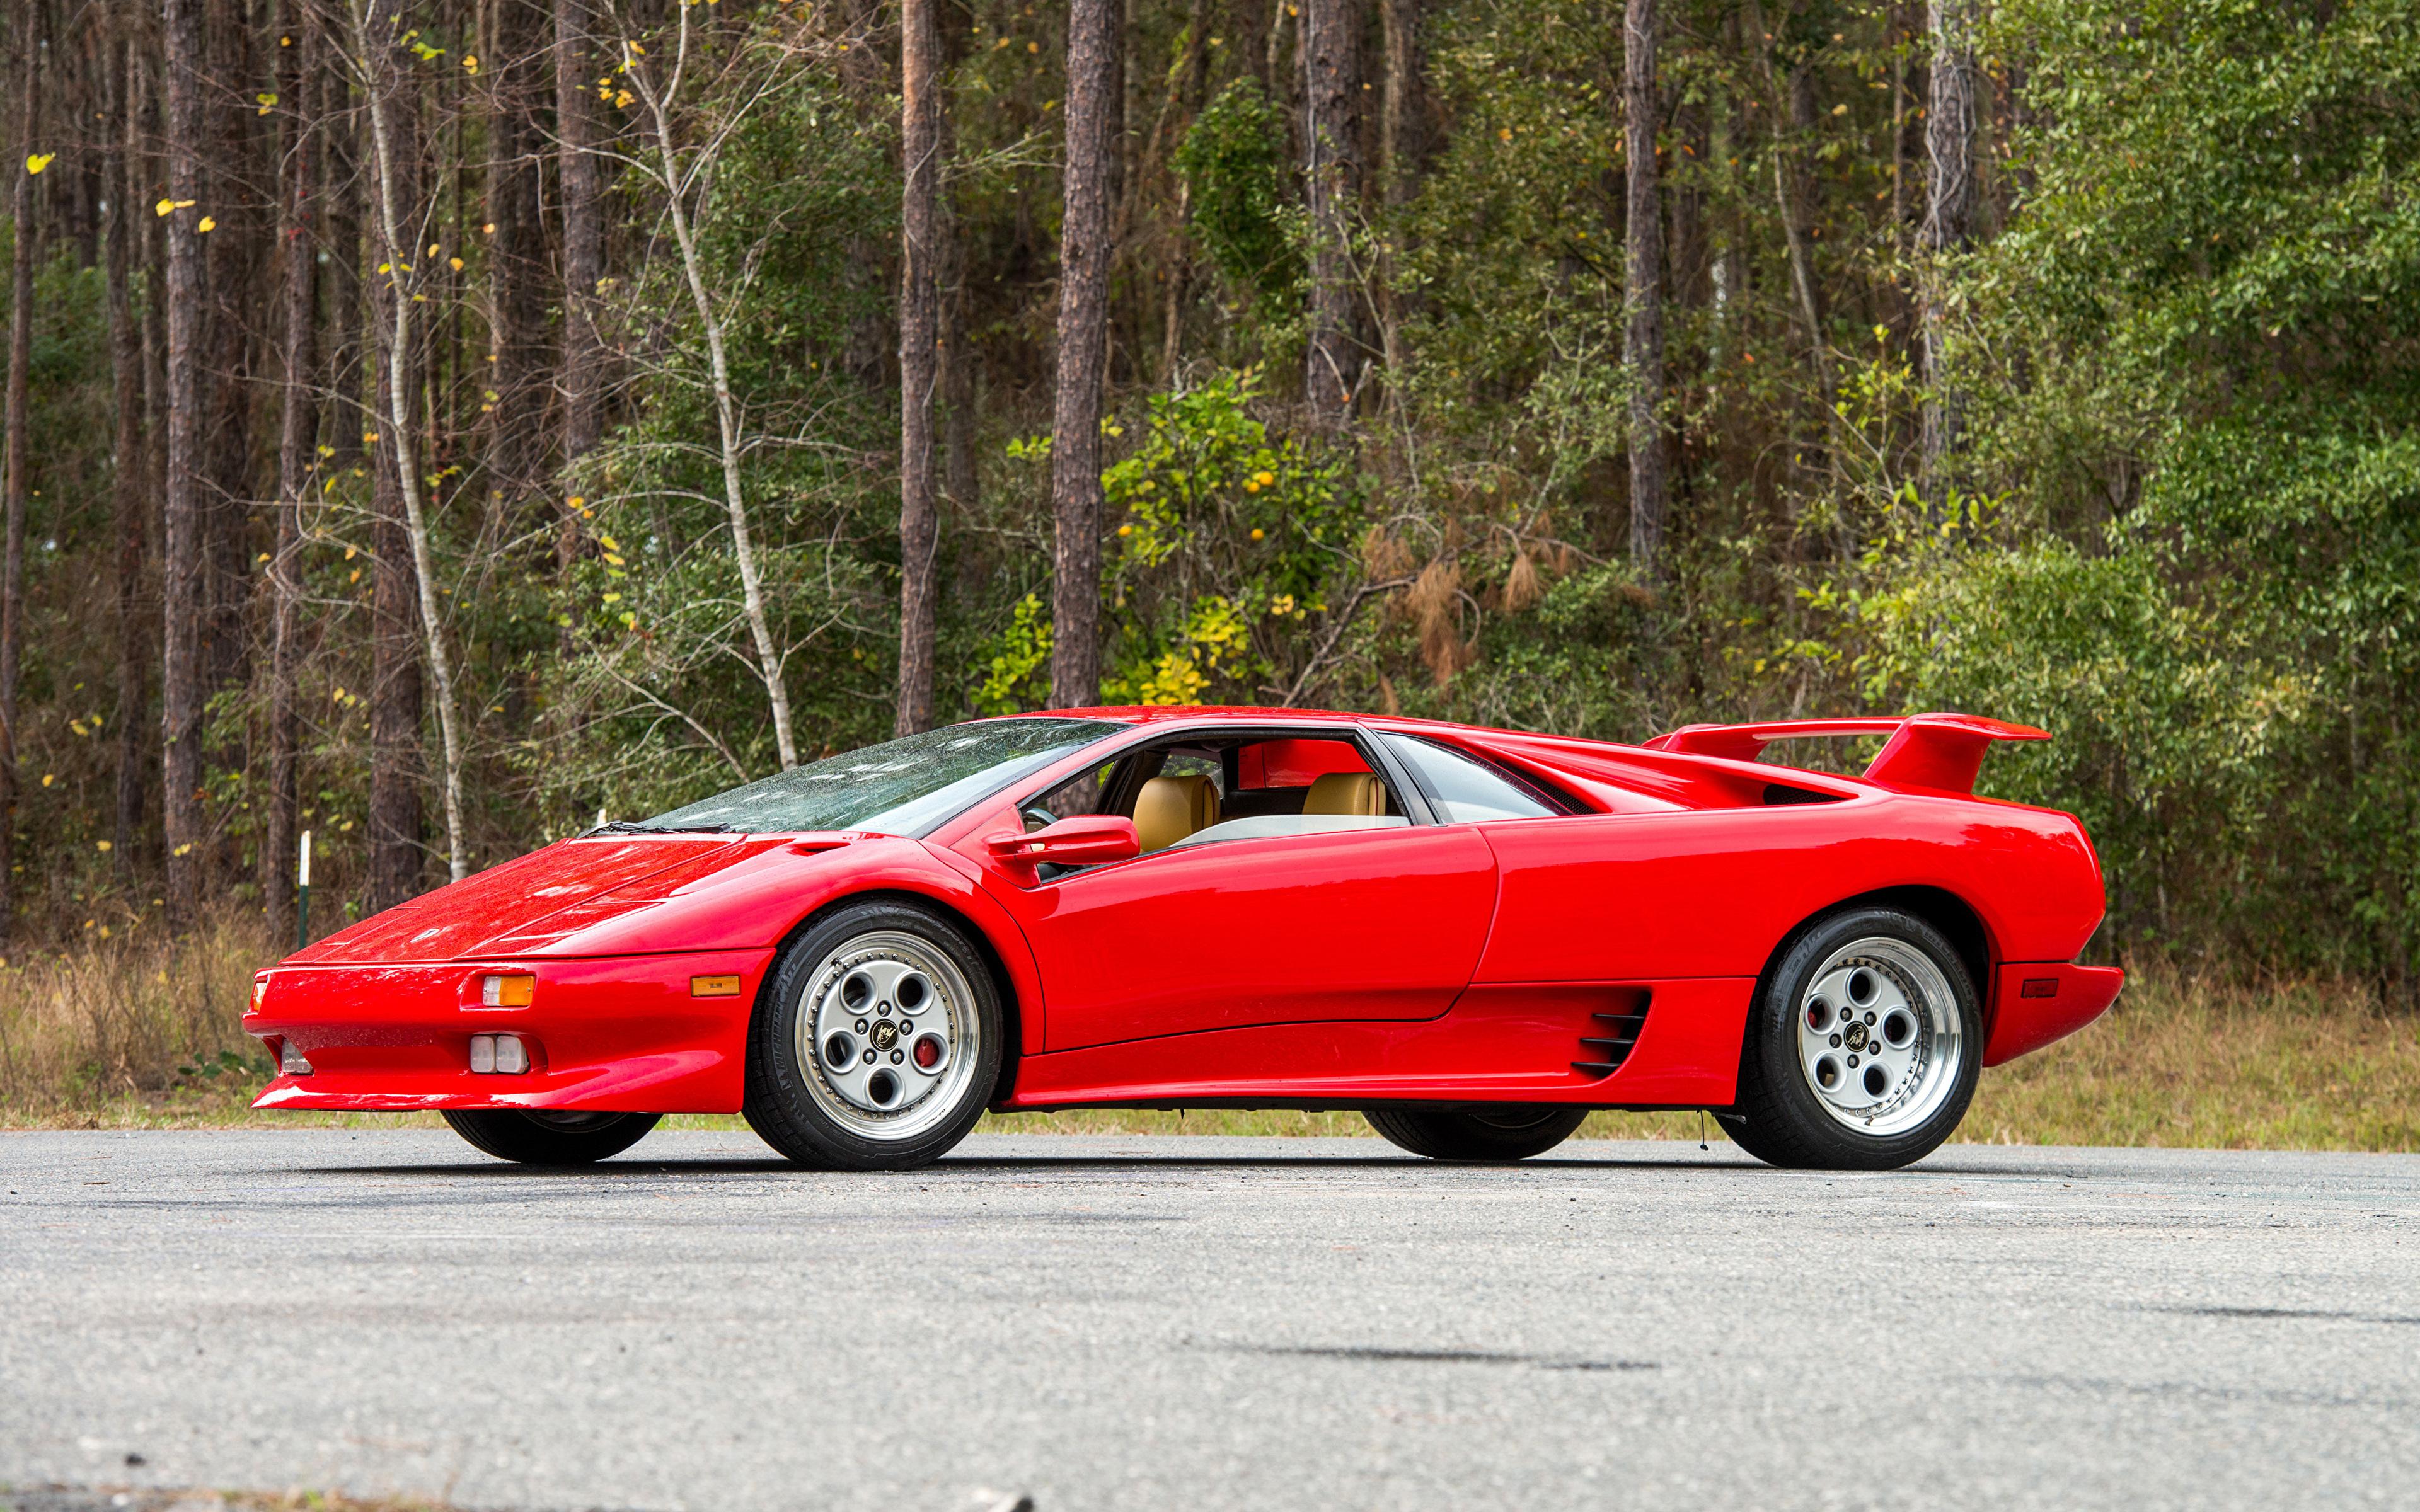 Images Lamborghini 1990 93 Diablo Red Vintage Cars 3840x2400